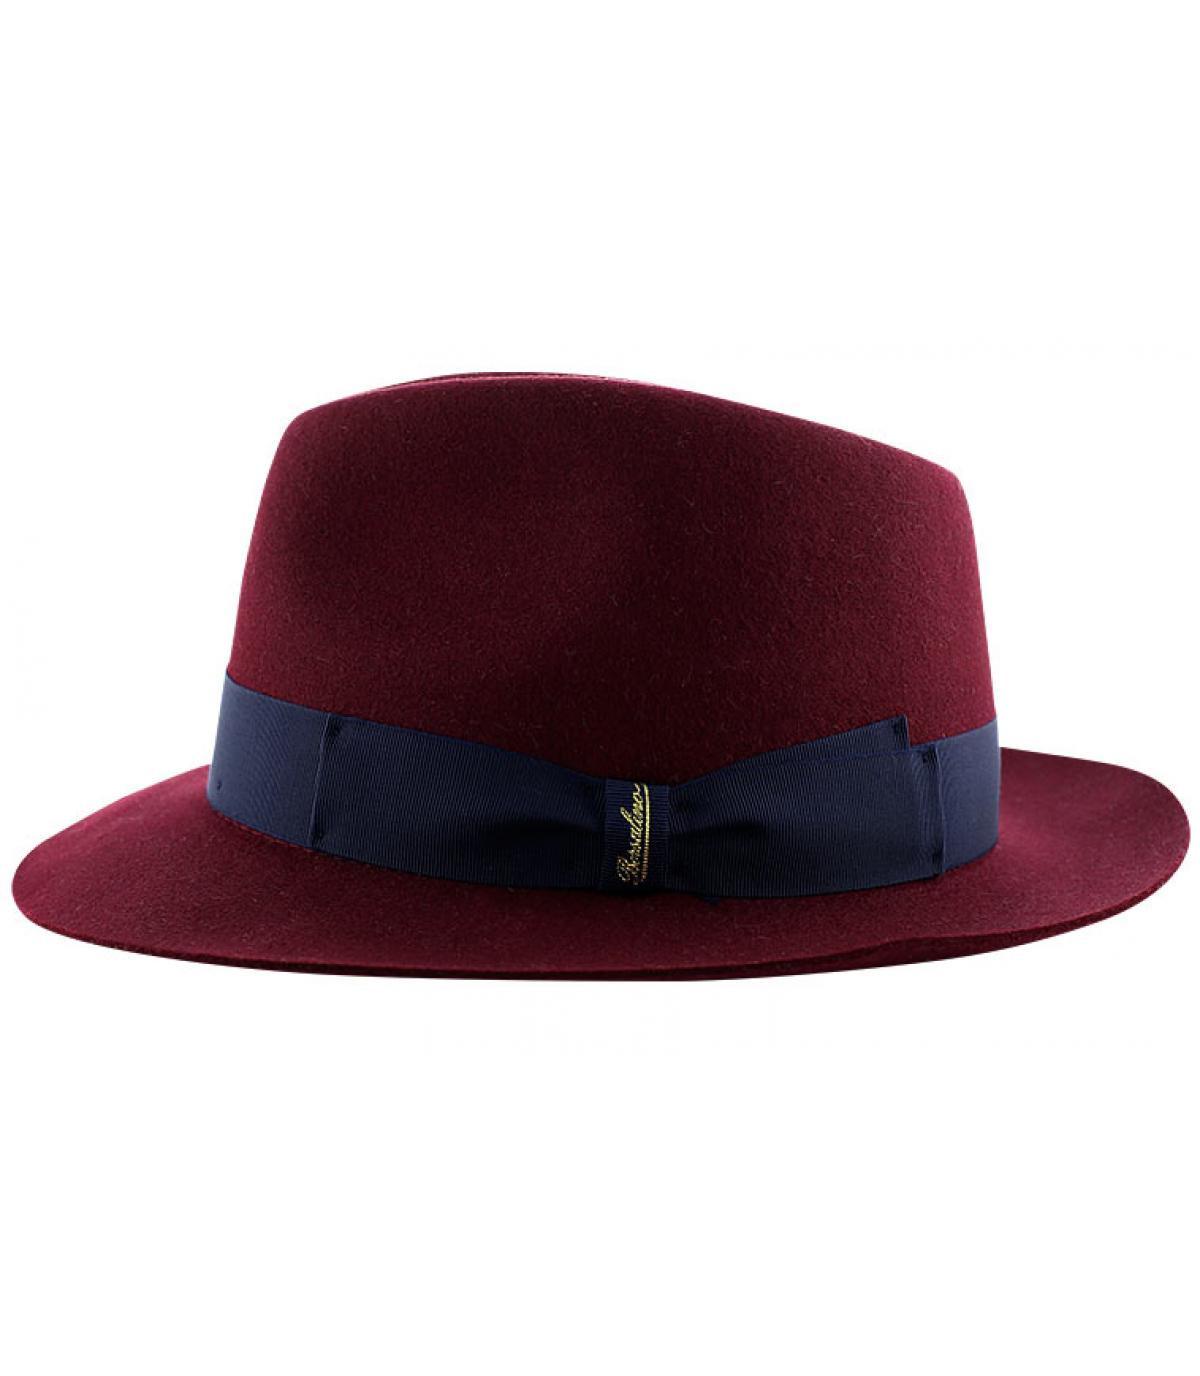 Details Burgundy fur felt hat - afbeeling 4